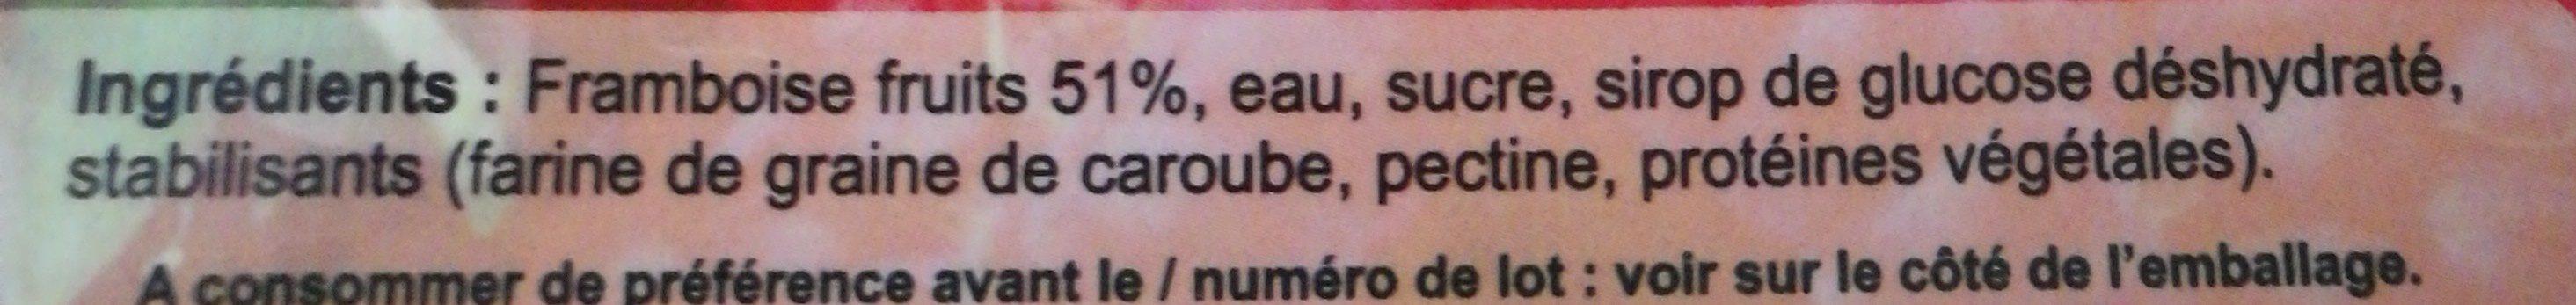 Framboise - Ingrédients - fr